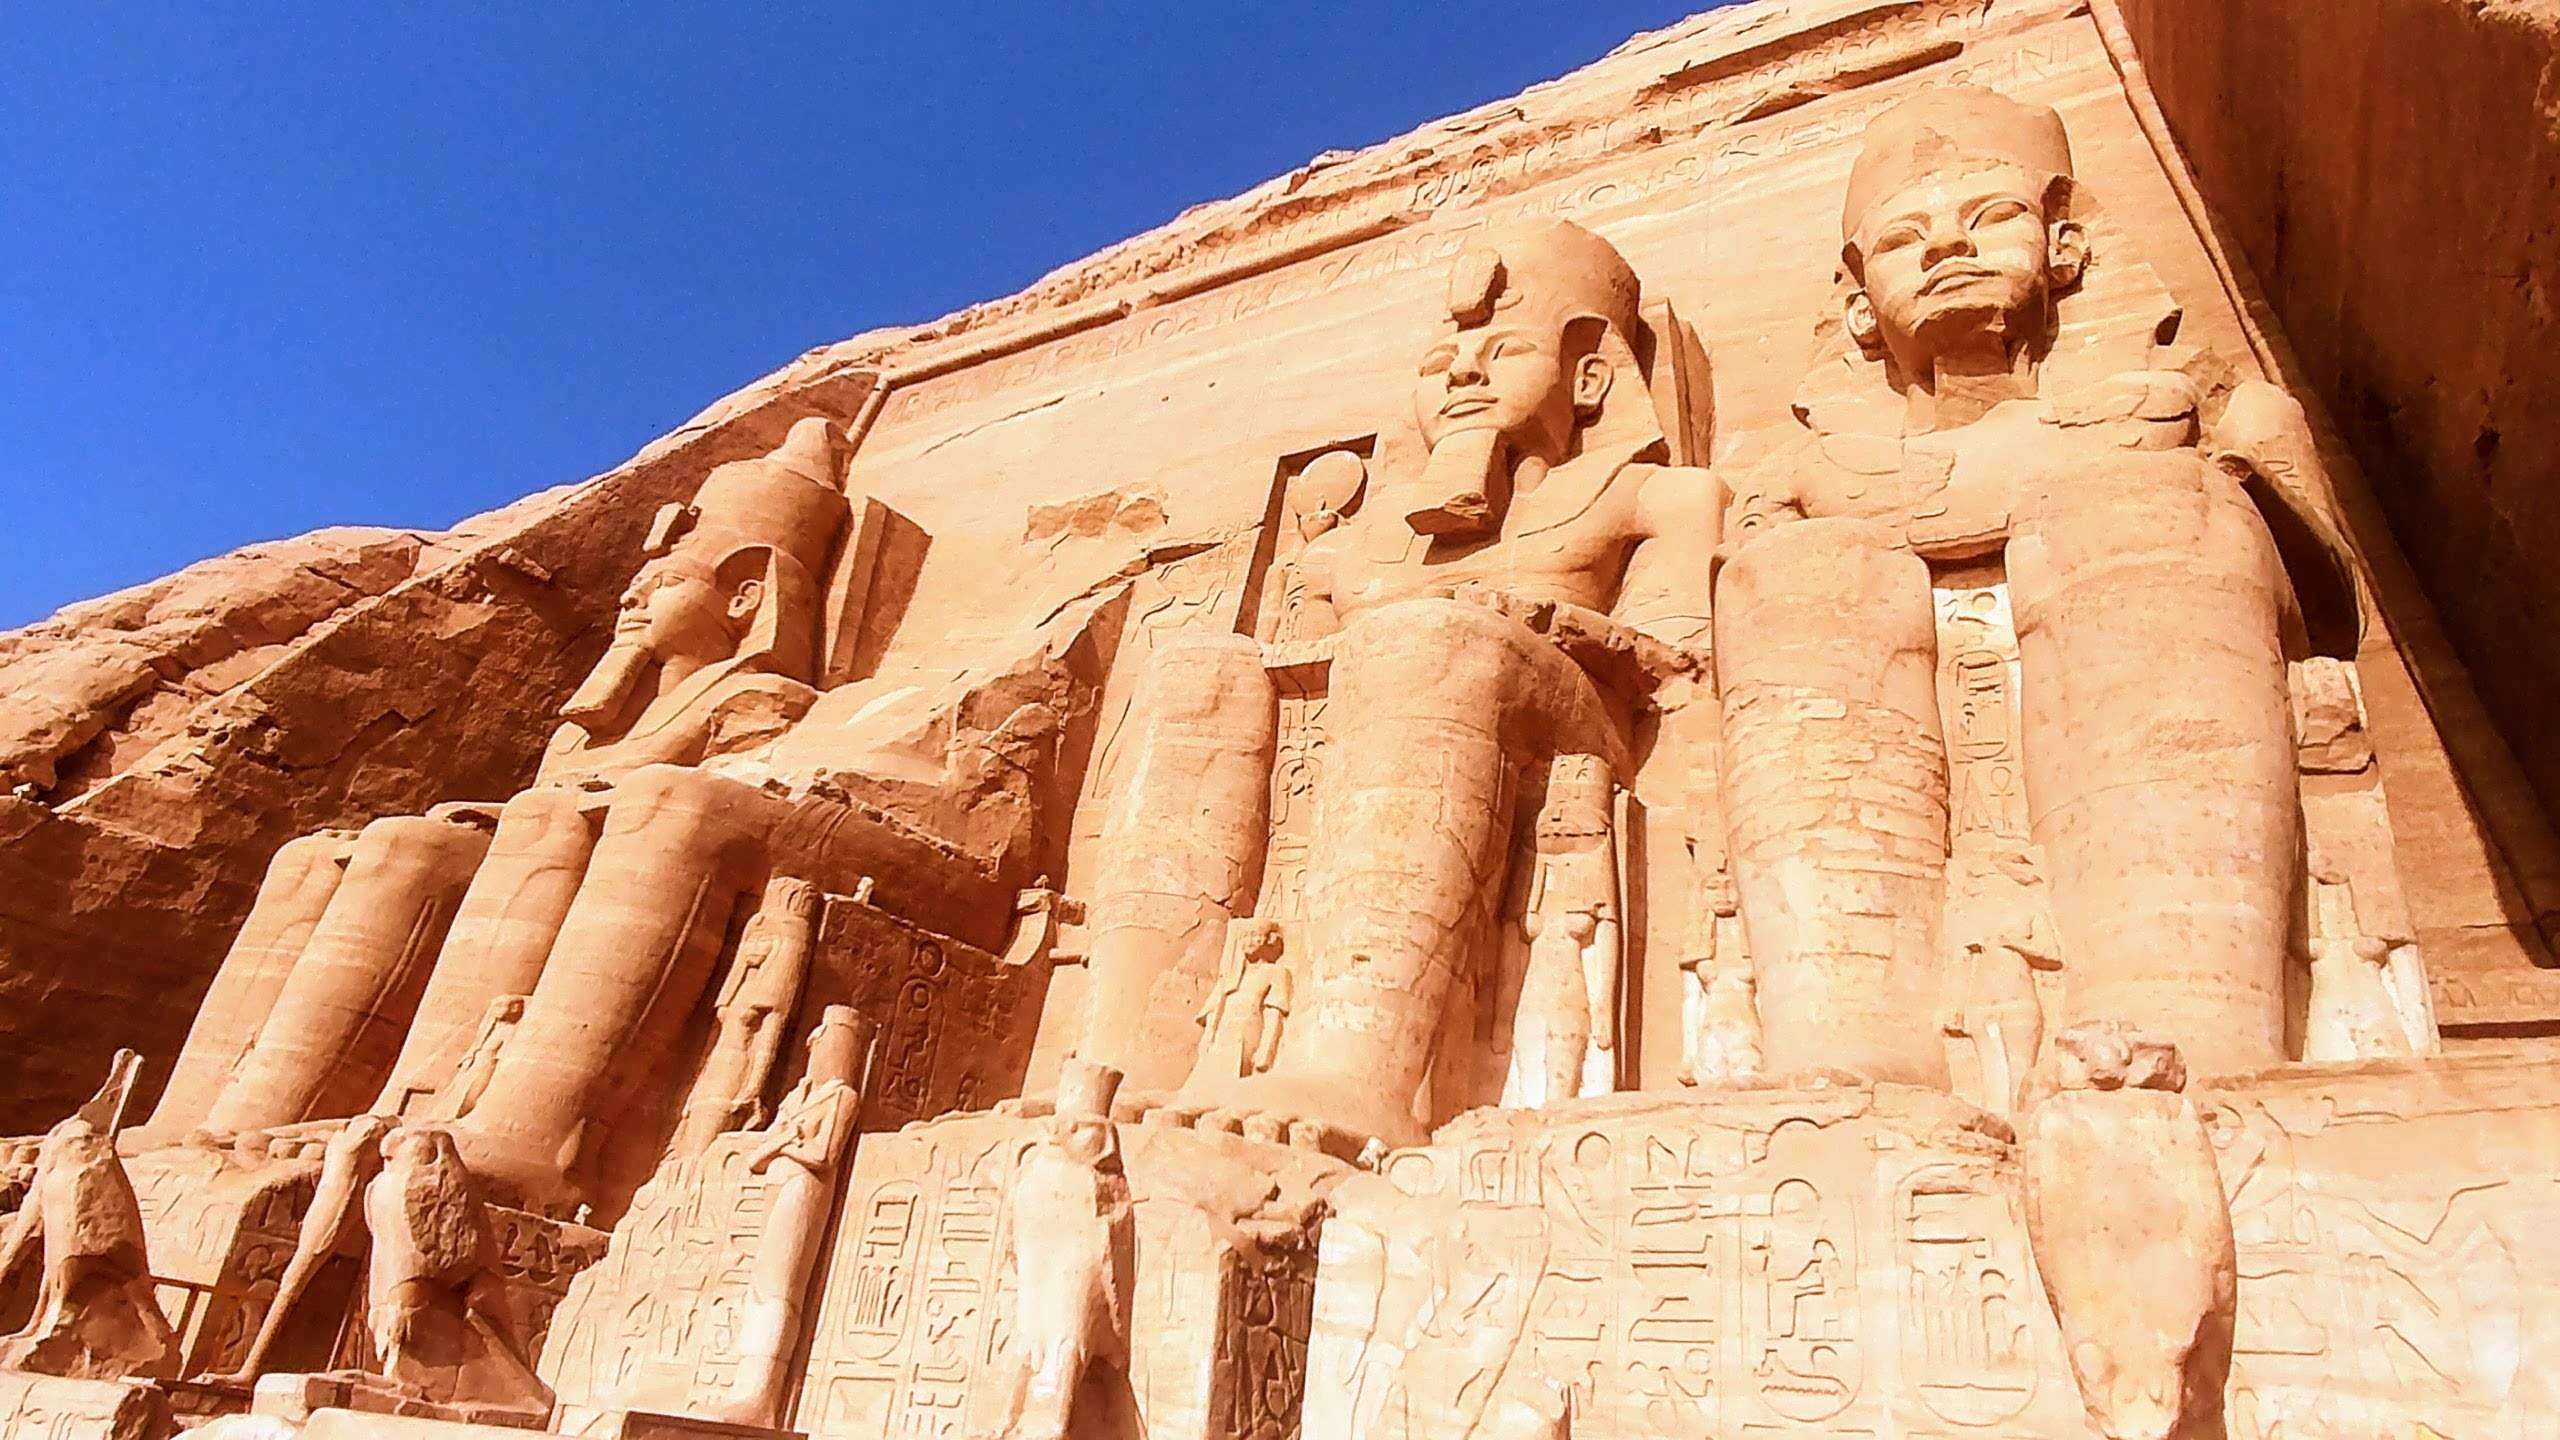 2 semaines en Égypte – Itinéraire, trucs et idées